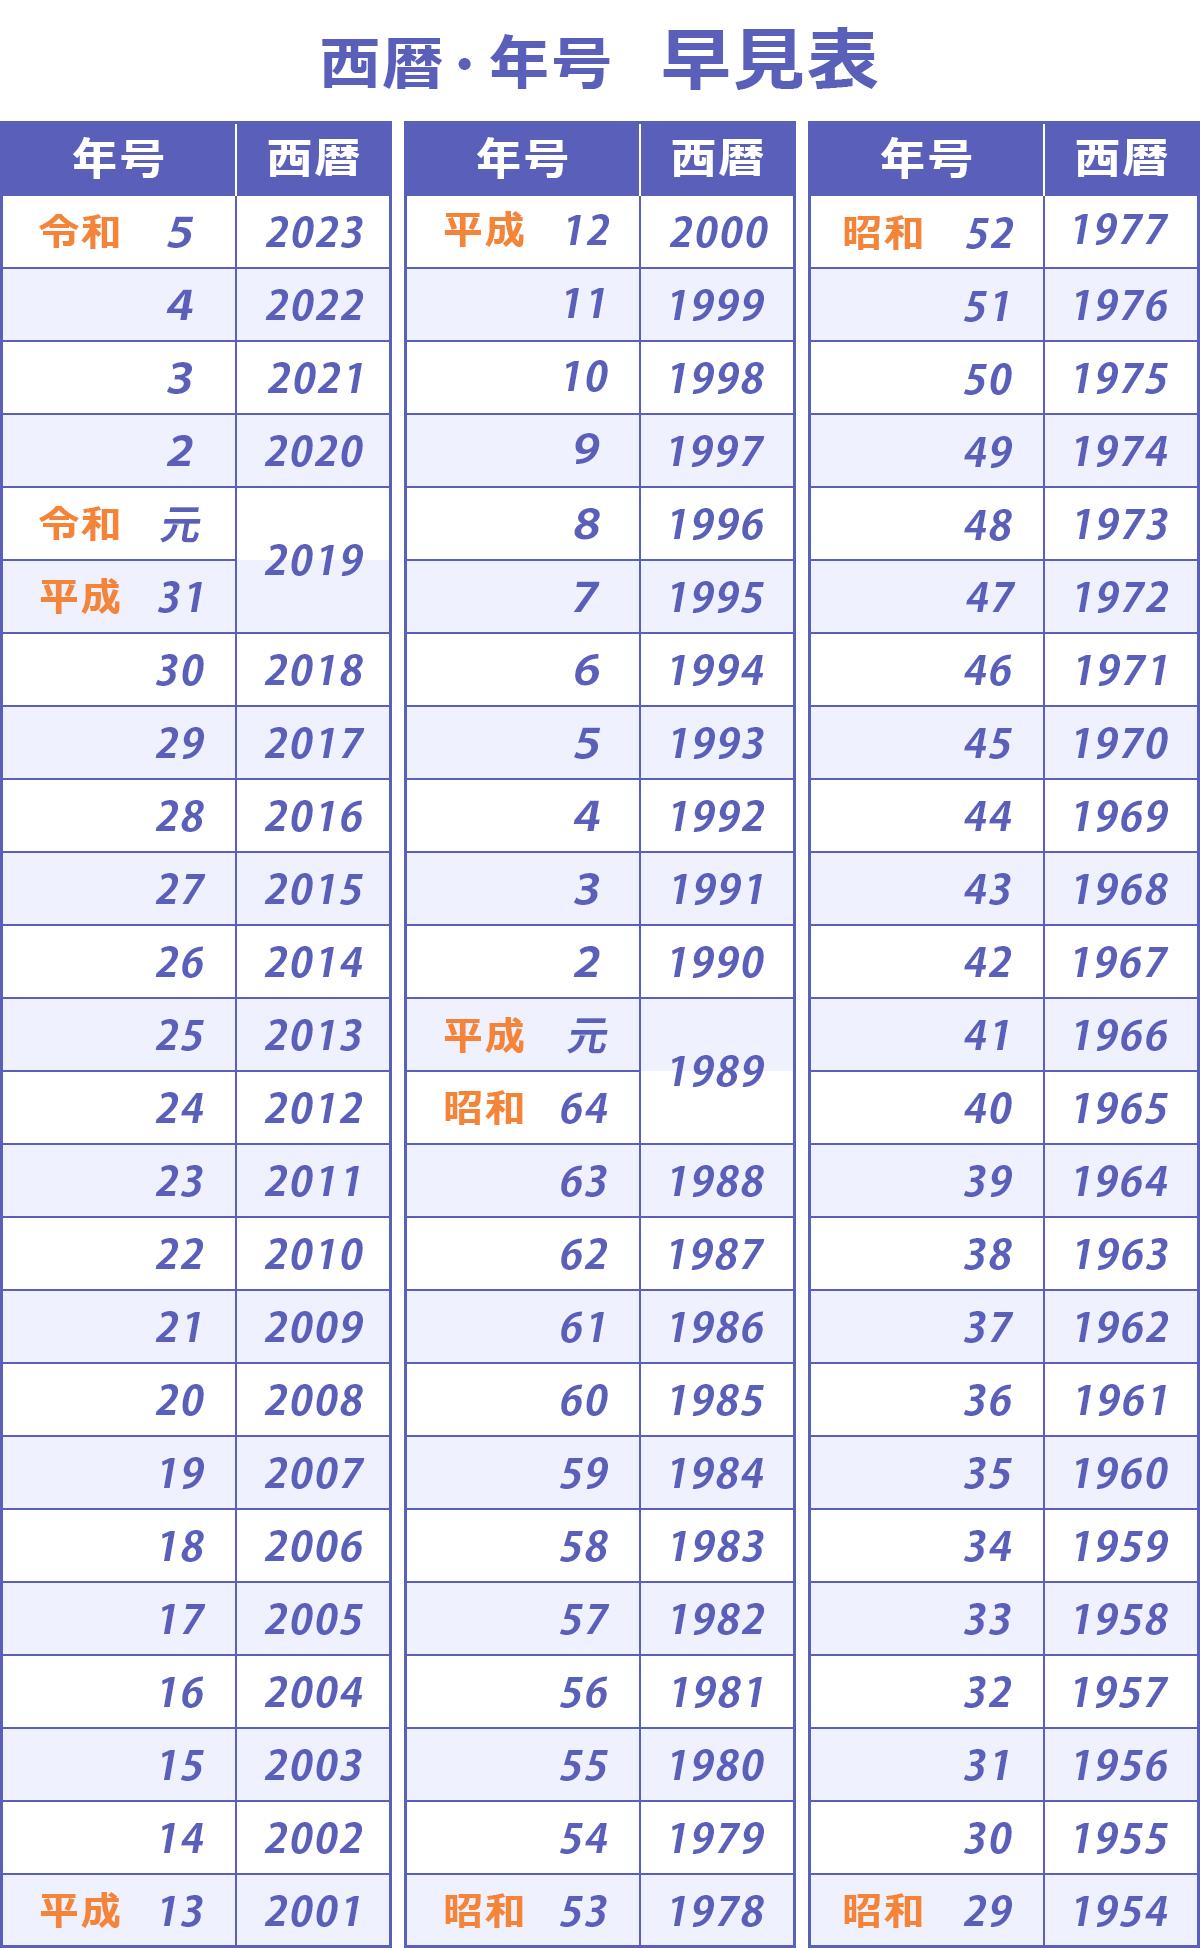 西暦 は 年 年 元 昭和 何 昭和50年生まれは西暦何年|年齢|何歳|干支|履歴書